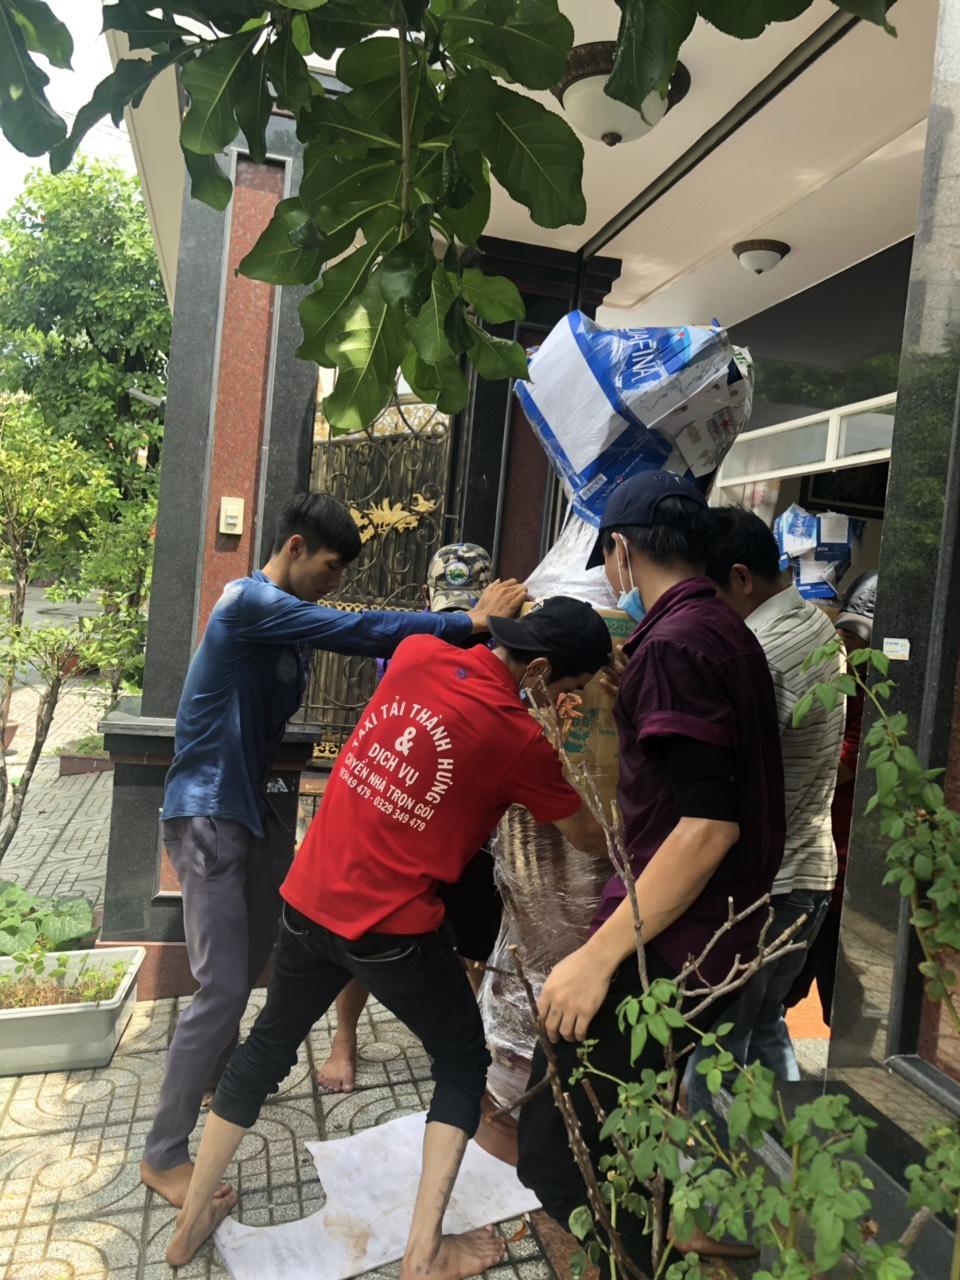 Chuyển nhà giá rẻ quận Phú Nhuận,chuyen nha gia re quan Phu Nhuan,dịch vụ chuyển nhà,dich vu chuyen nha